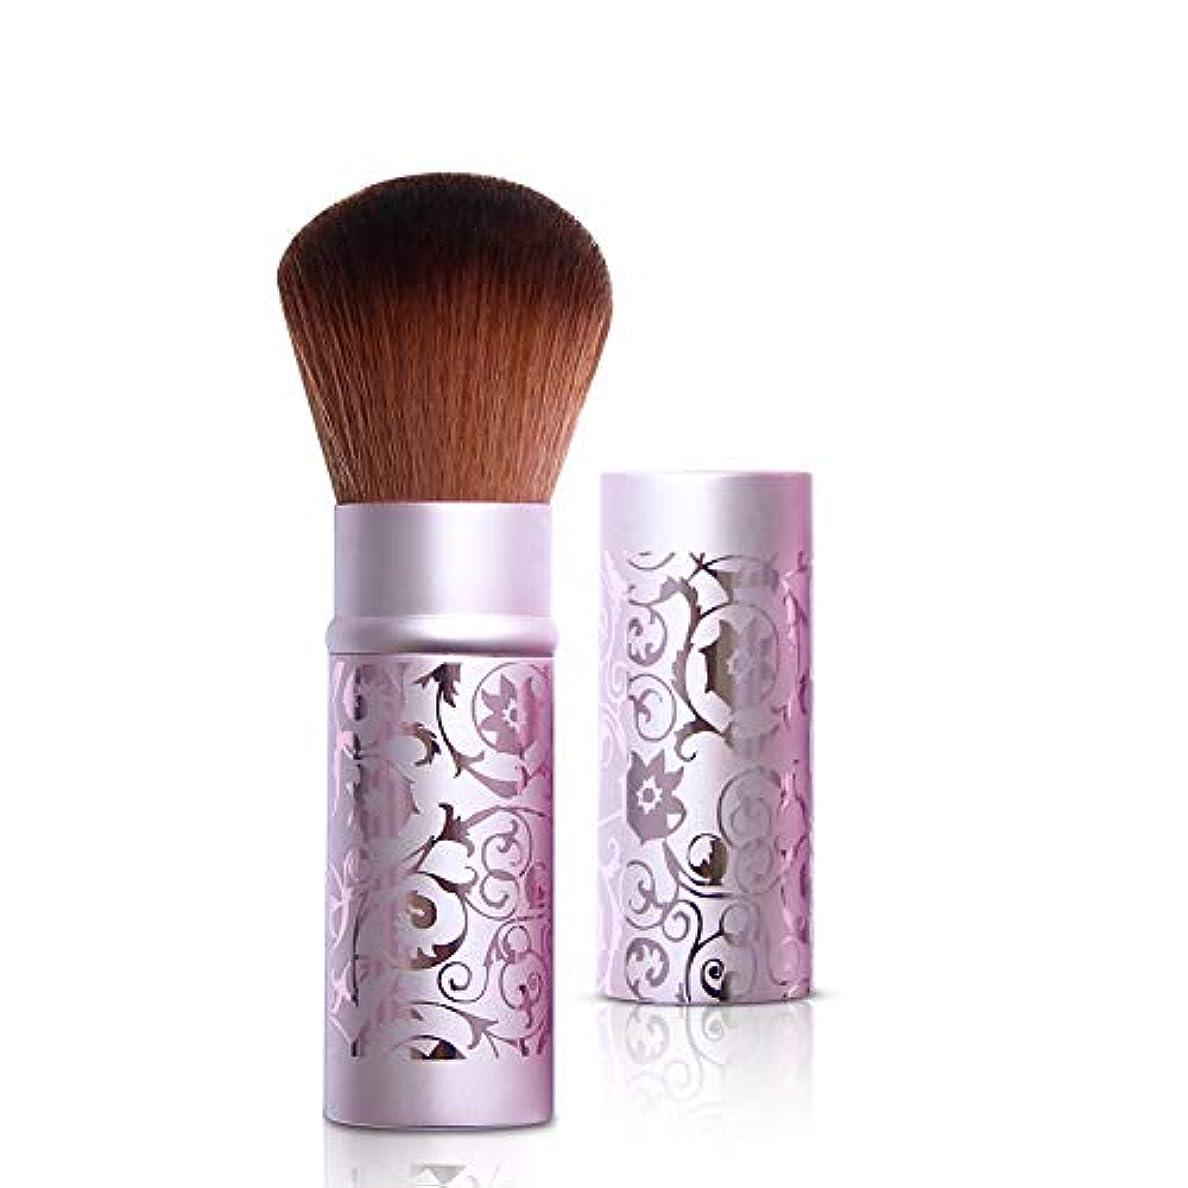 障害将来の湿原ルージュブラシセット化粧ブラシ化粧ブラシルースパウダーブラシラージパウダーブラシシャドーブラシブラッシュブラシテレスコピックポータブル蓋付き,Purple